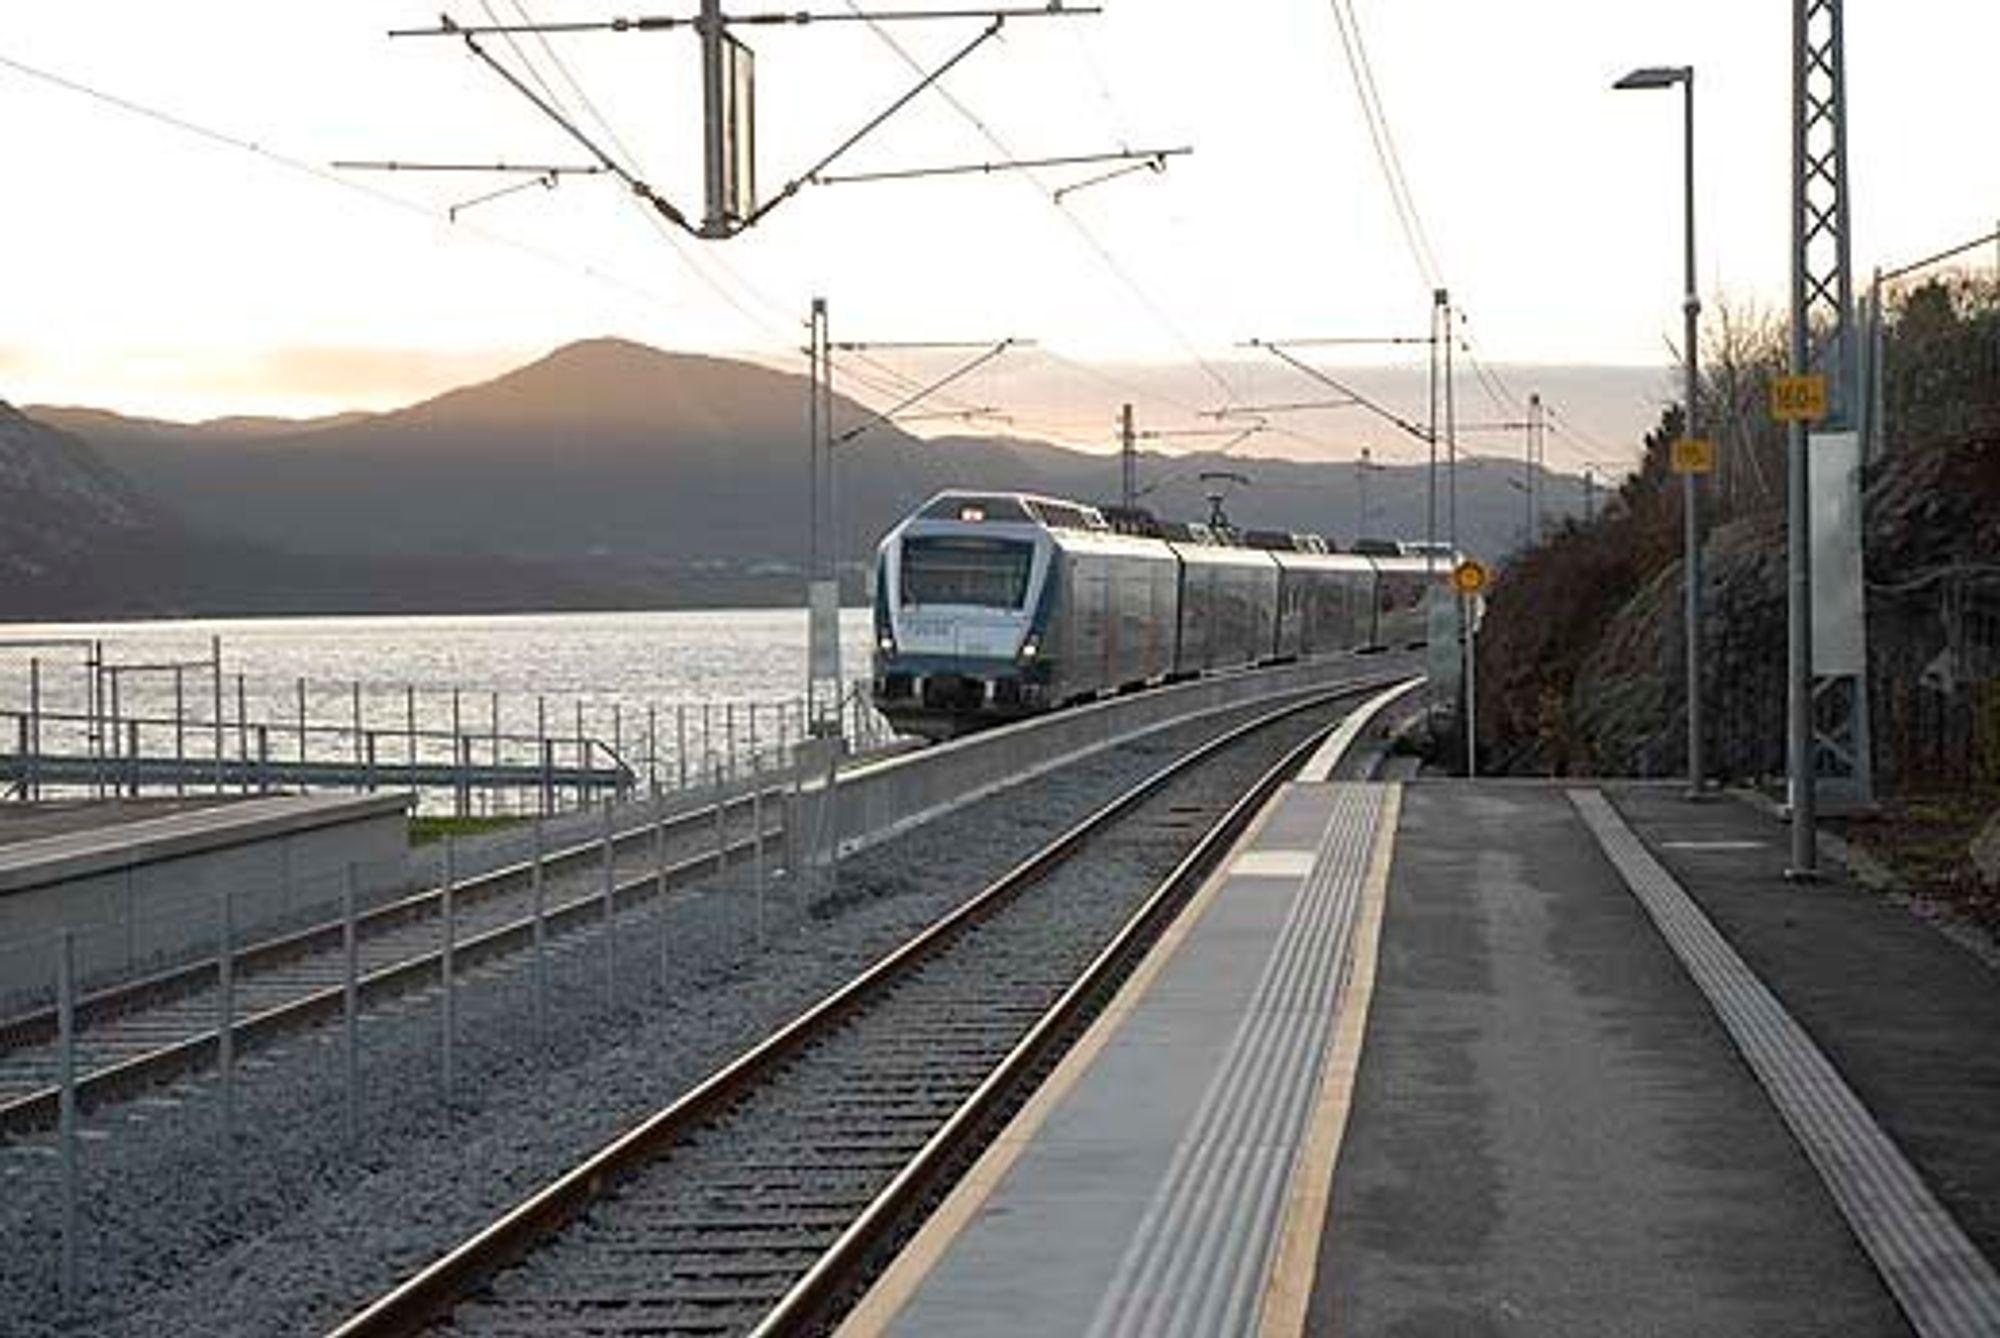 RAMMES: Sandnes - Stavanger har fått installert et midlertidig signalanlegg til Merkur skulle bli klart. Nå dumper Jernbaneverket hele Merkur.